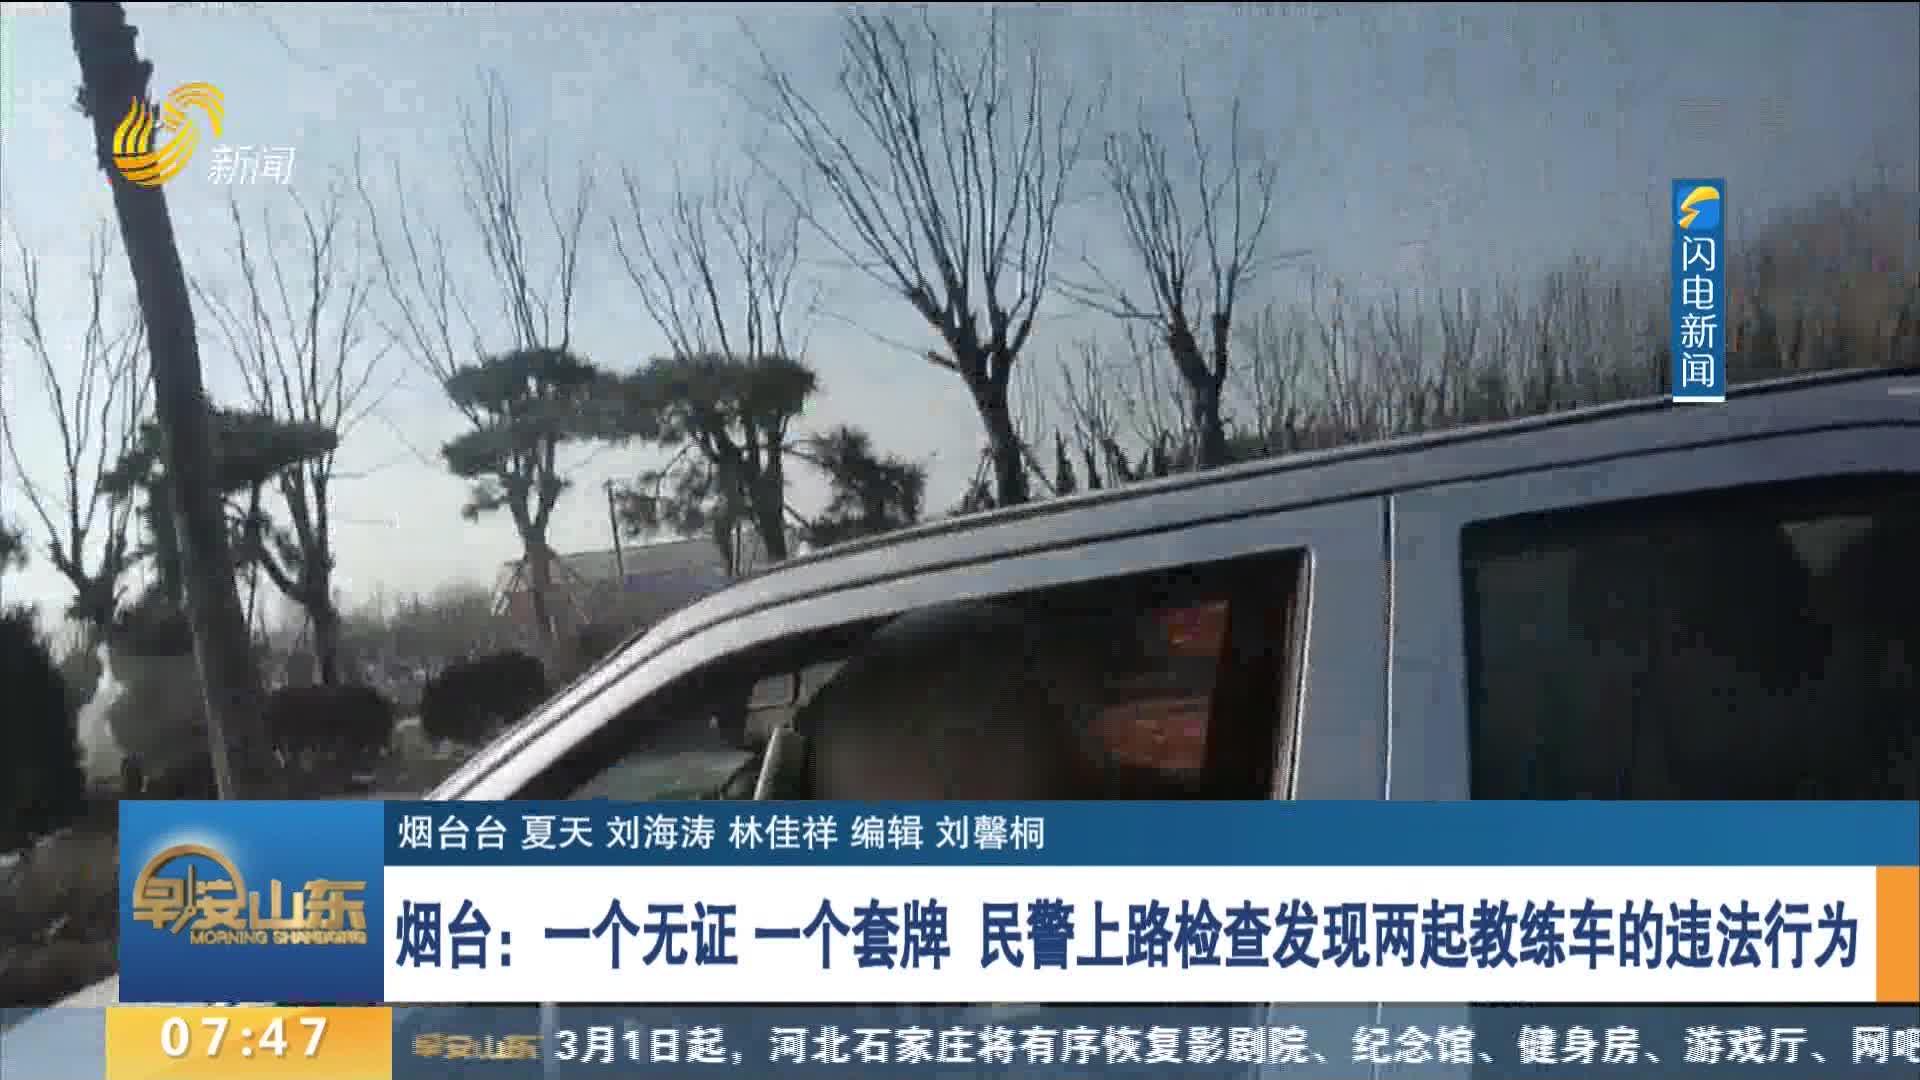 烟台:一个无证 一个套牌 民警上路检查发现两起教练车的违法行为